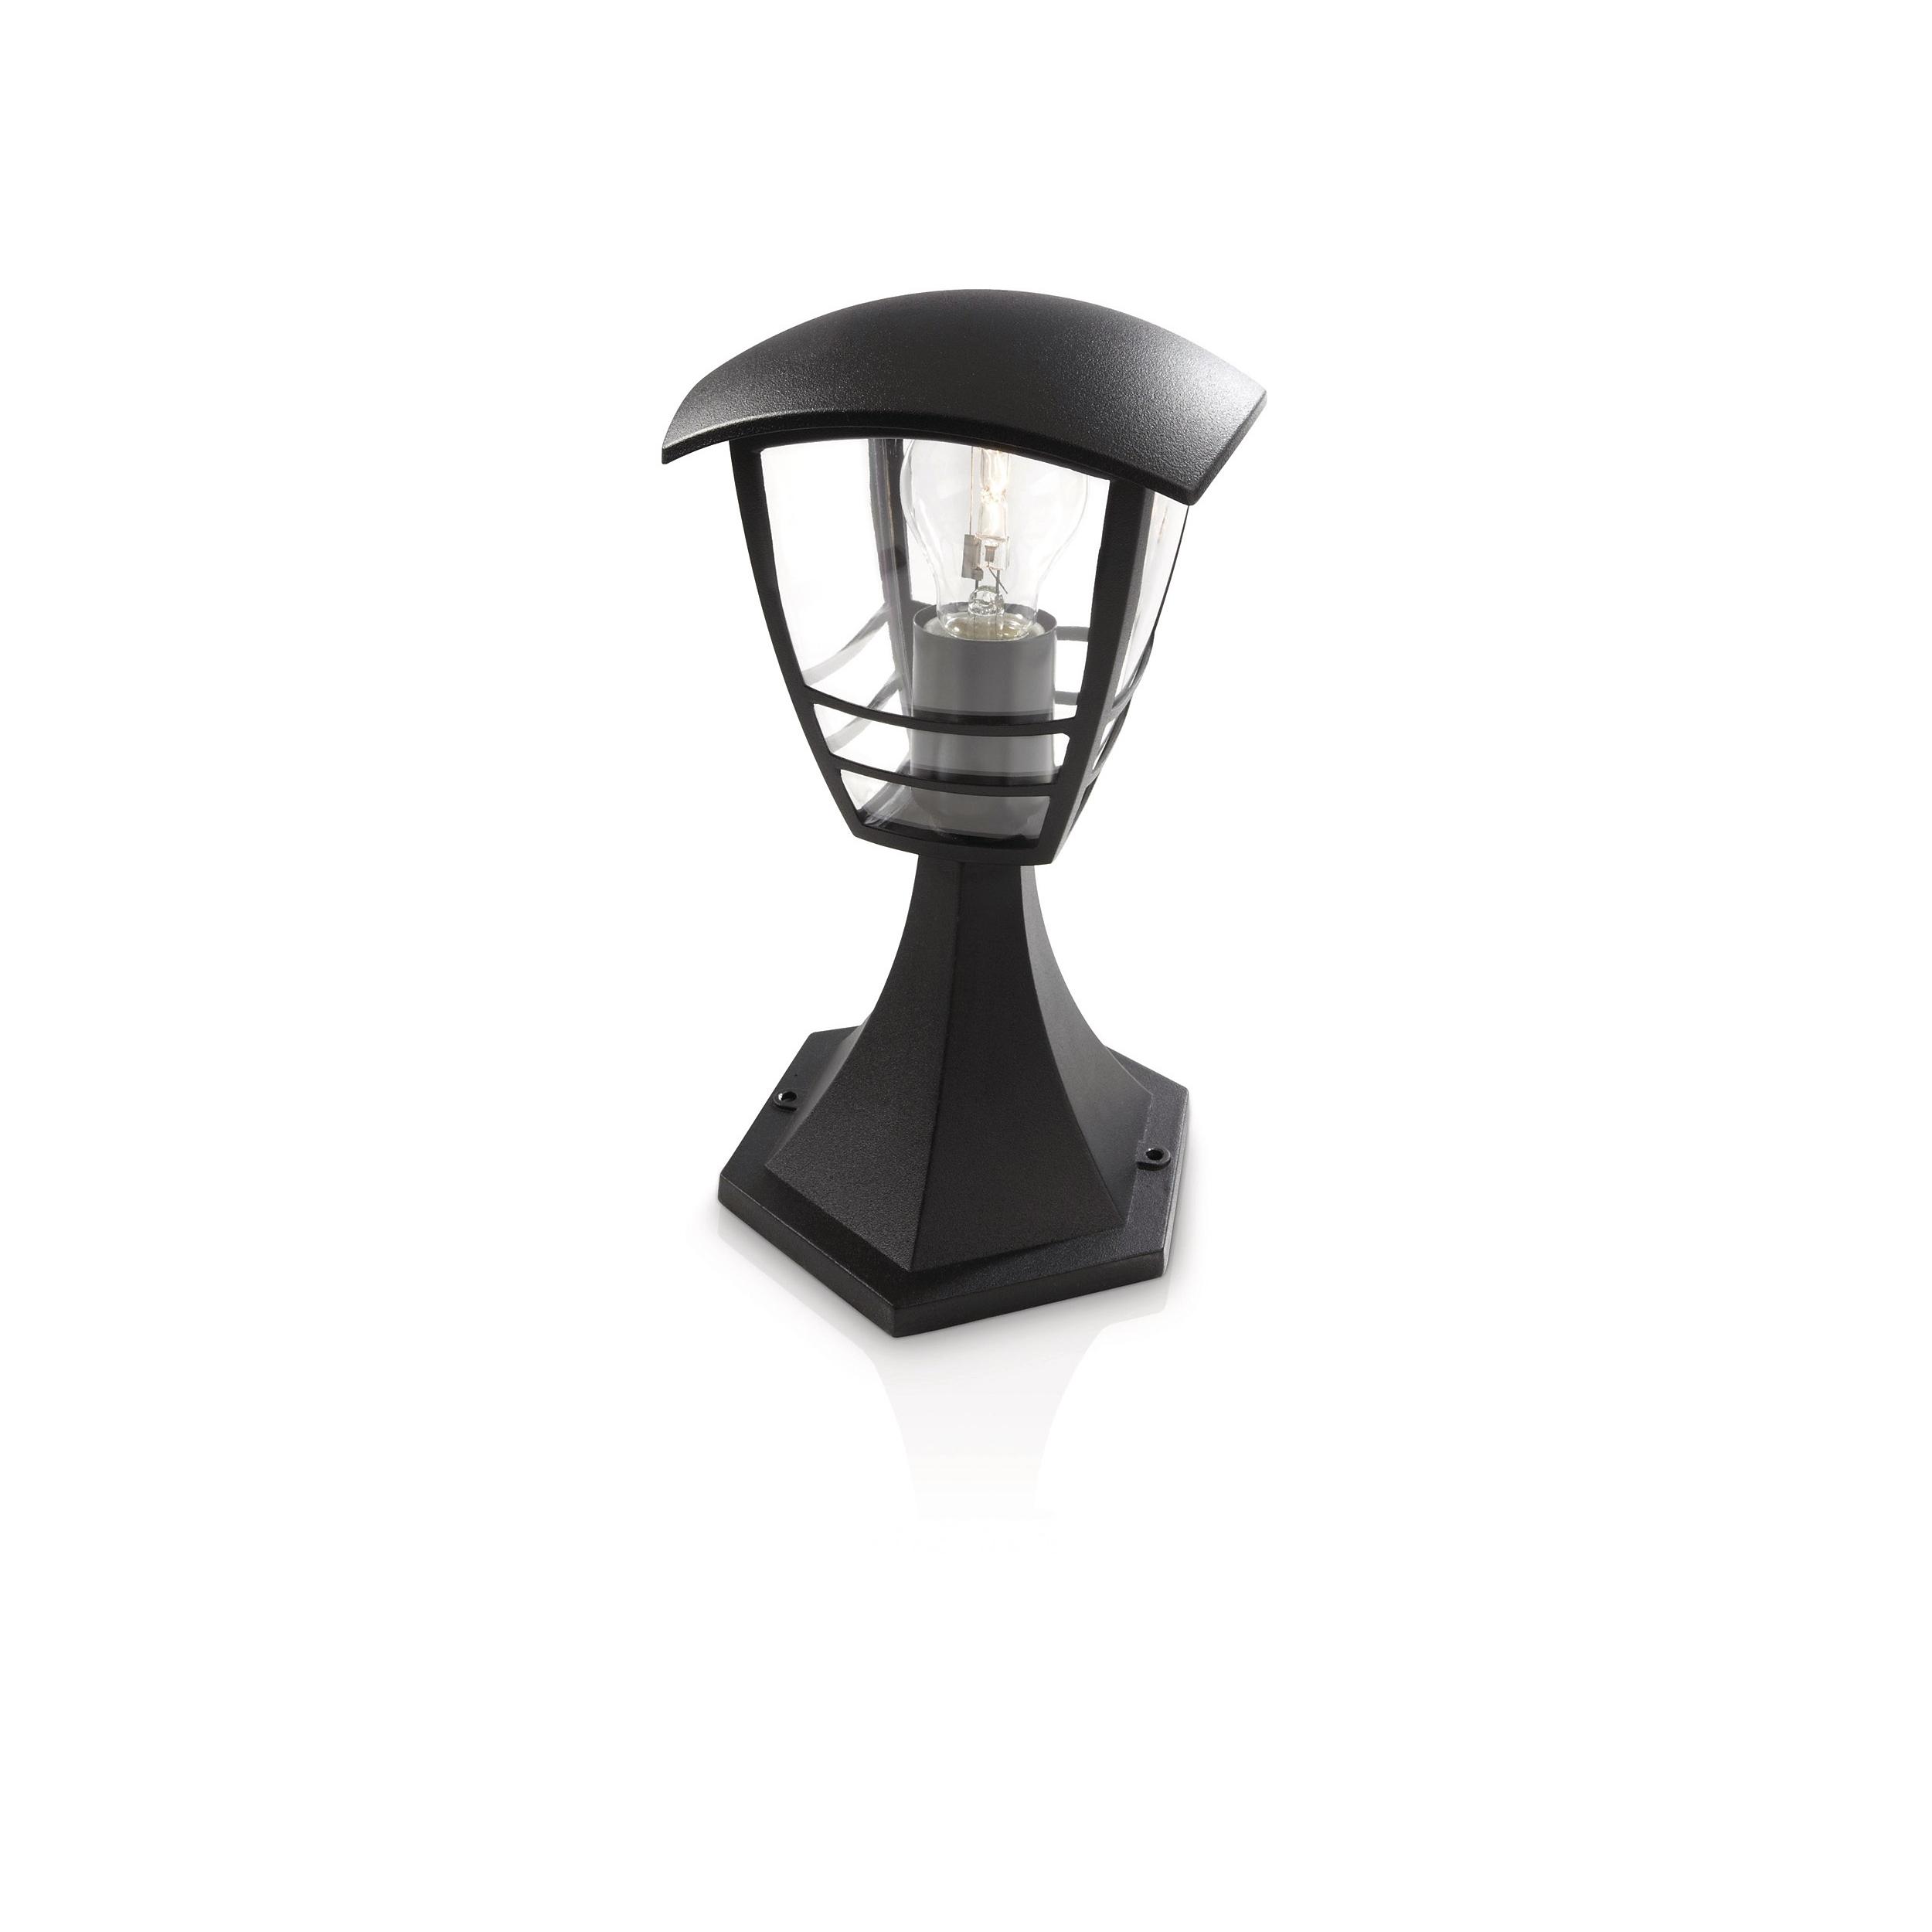 philips lampe au enbereich creek wegeleuchte warmwei es licht 2700k 153823016 ebay. Black Bedroom Furniture Sets. Home Design Ideas